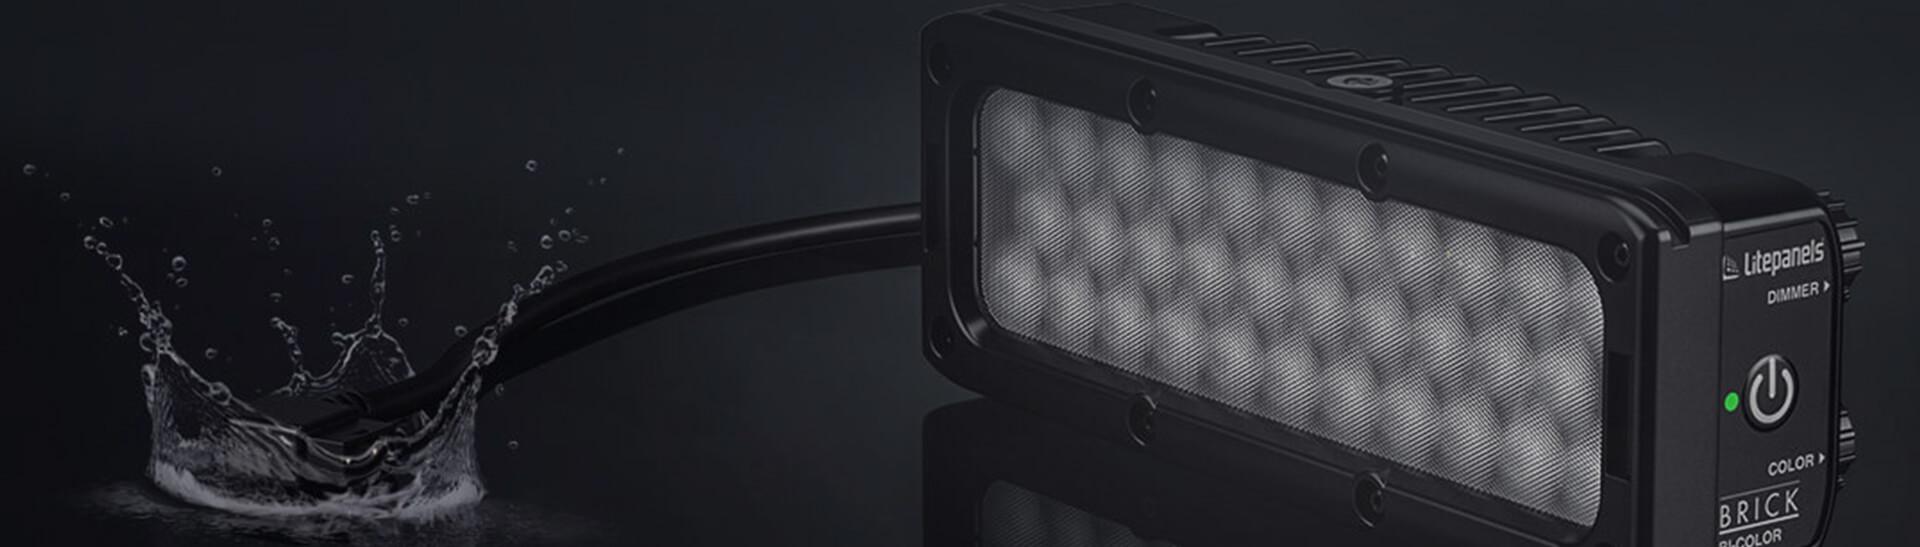 Lights_Lights